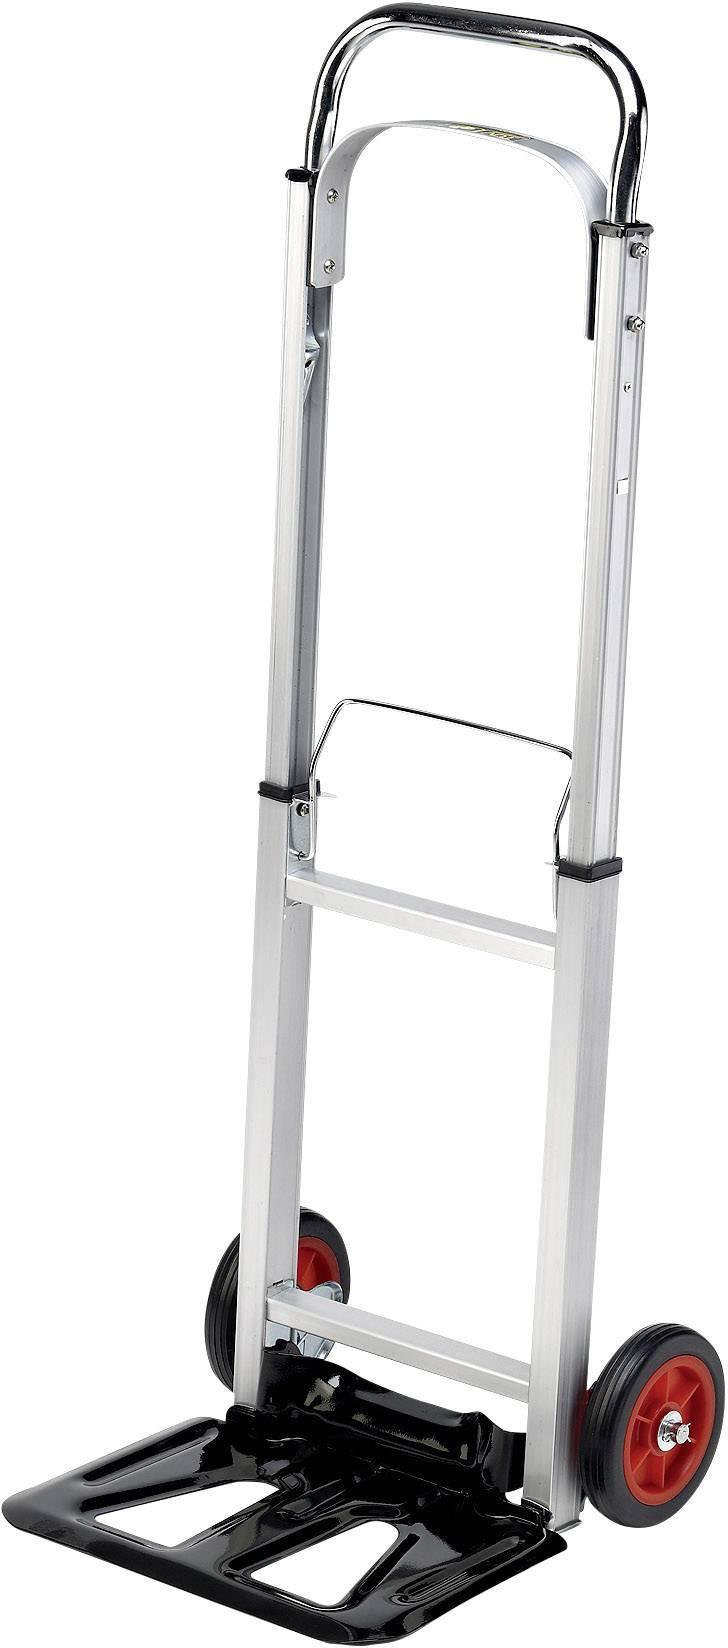 Pro Bau Tec wózek składany pro bau tec 10411 aluminium maksymalne obciążenie